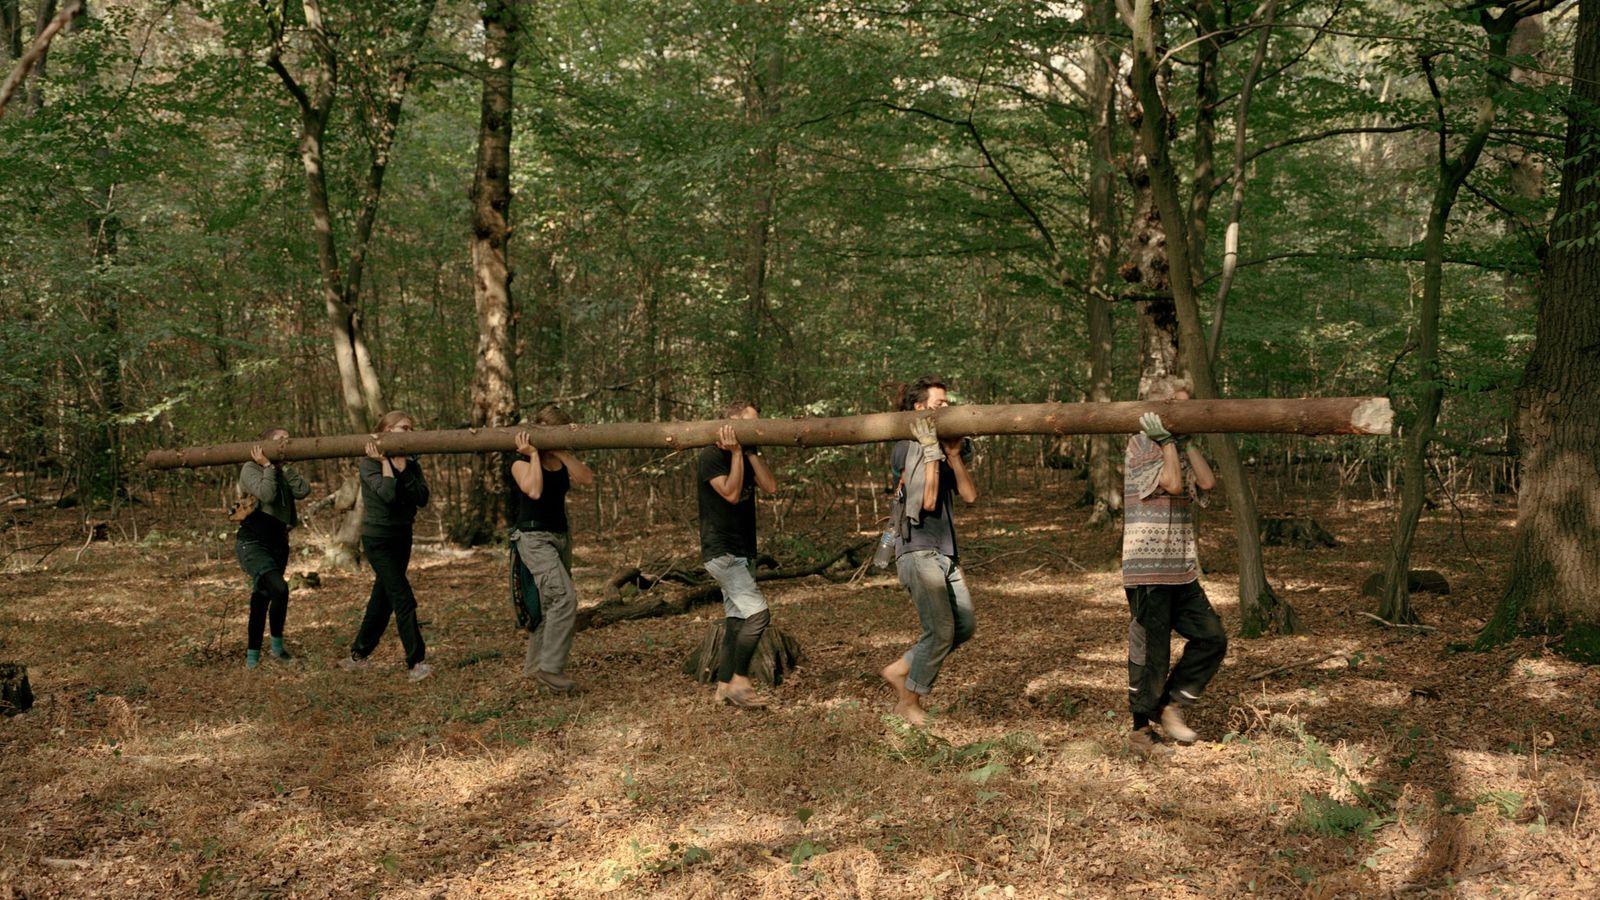 Aktivisten tragen einen Baumstamm durch den Wald, um damit ein Baumhaus zu bauen.